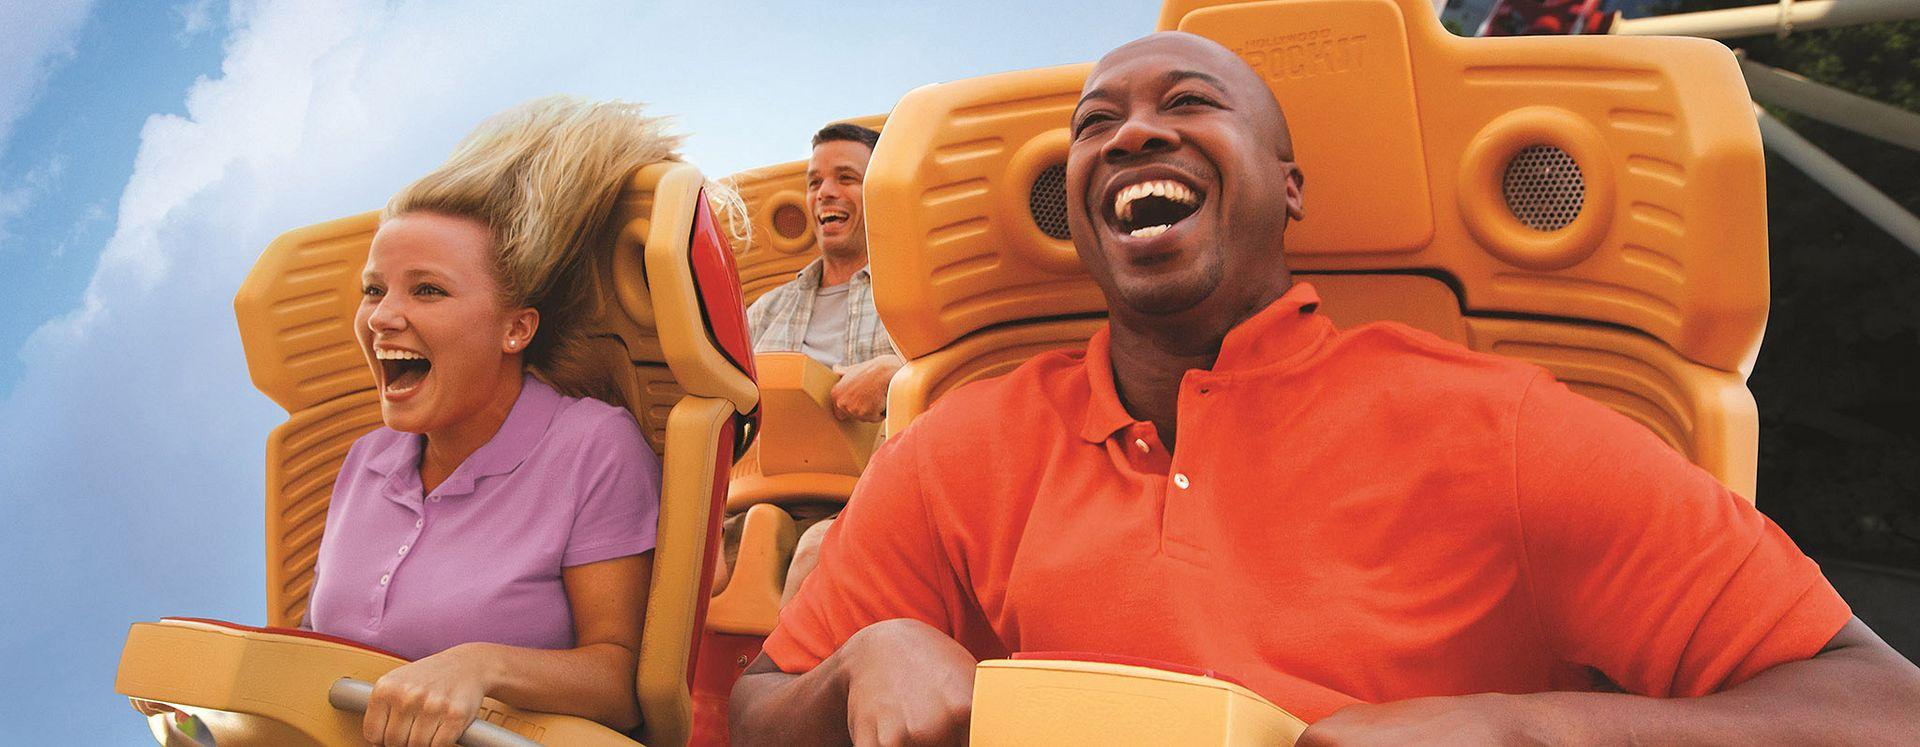 Hombres y mujer gritando en Rollercoaster en Universal Studios Florida